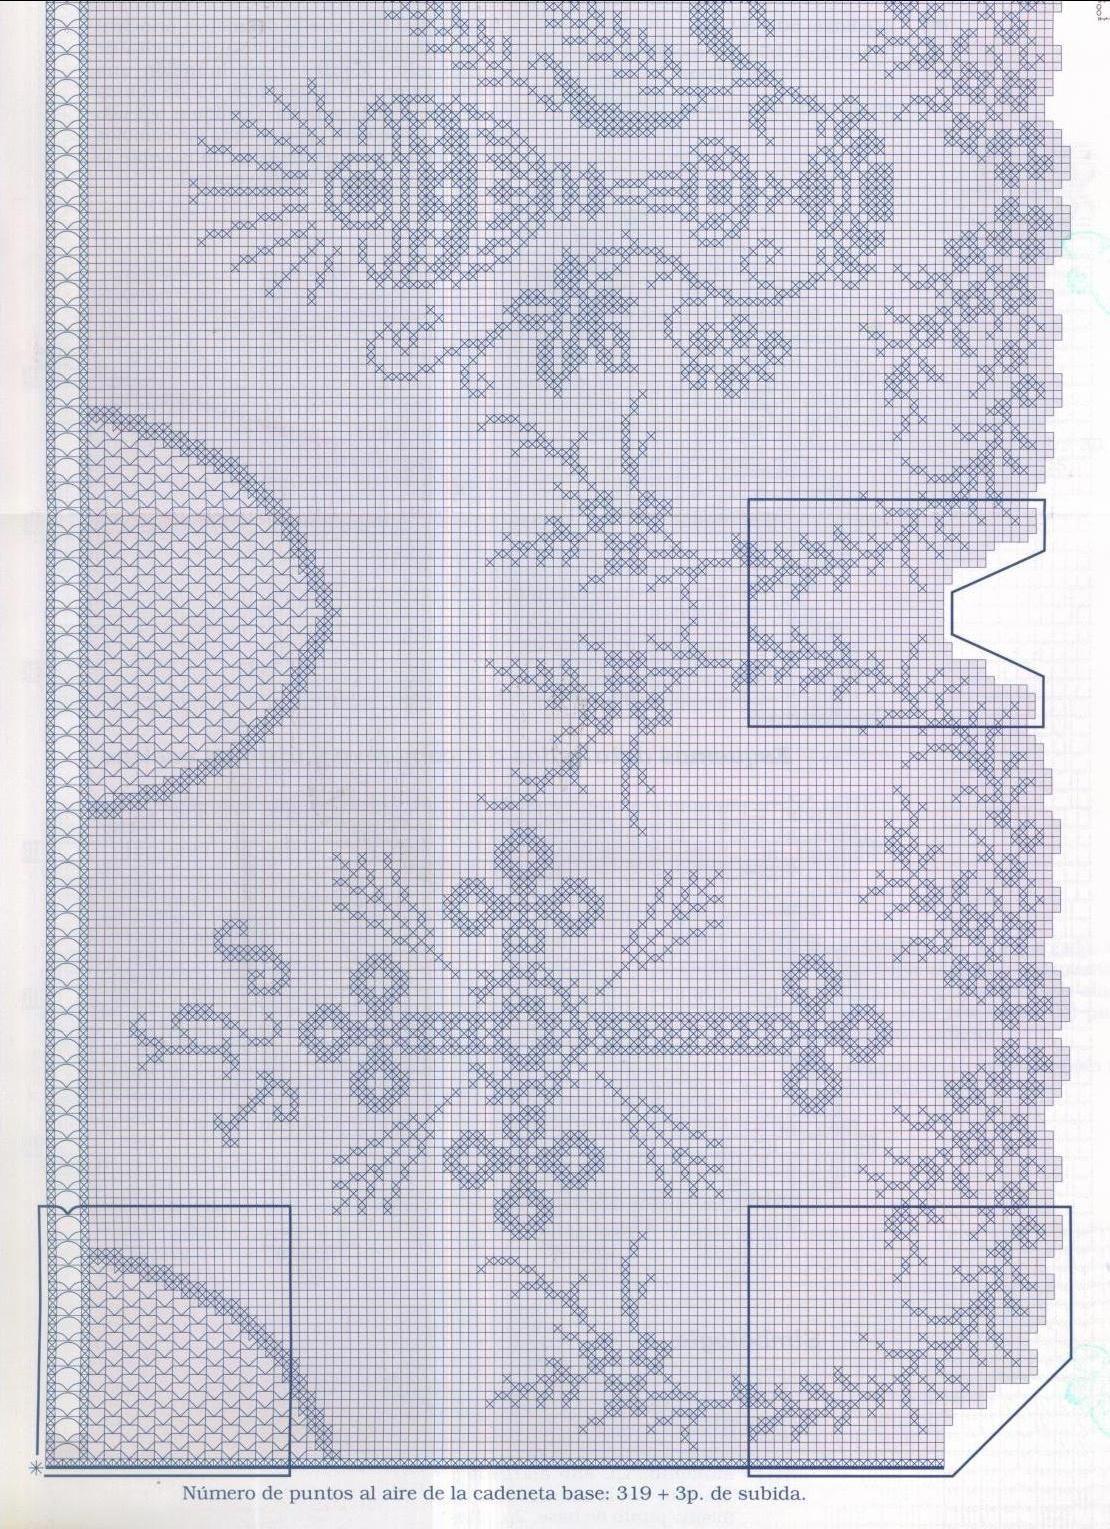 Diagrama Puntilla 1 | Crochet | Pinterest | Crochet, Filet crochet y ...